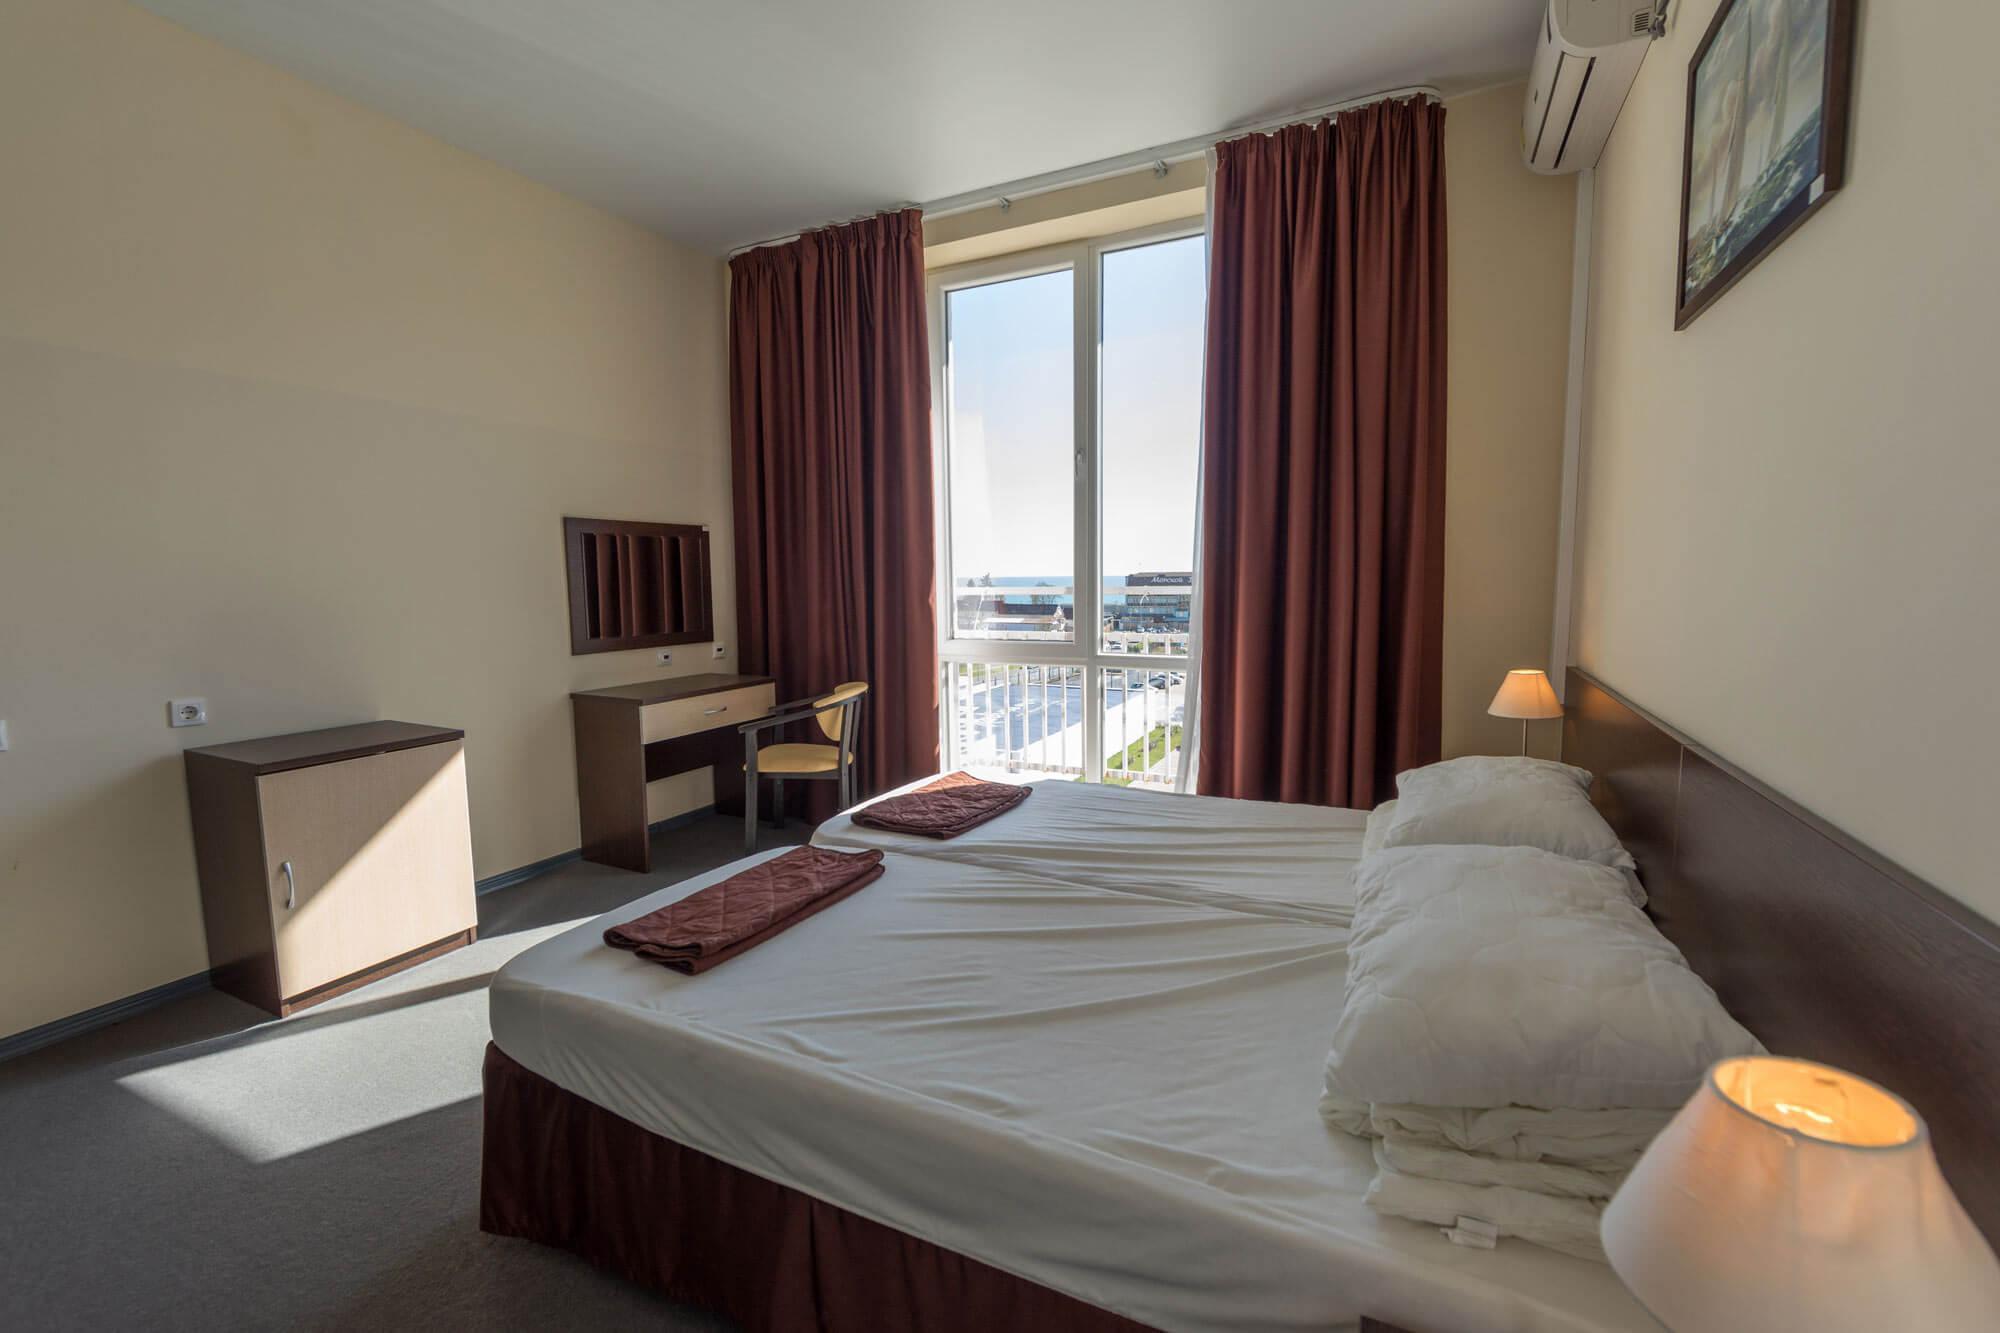 Отдельные апартаменты в новом АК - image Bed-room on https://bizneskvartal.ru